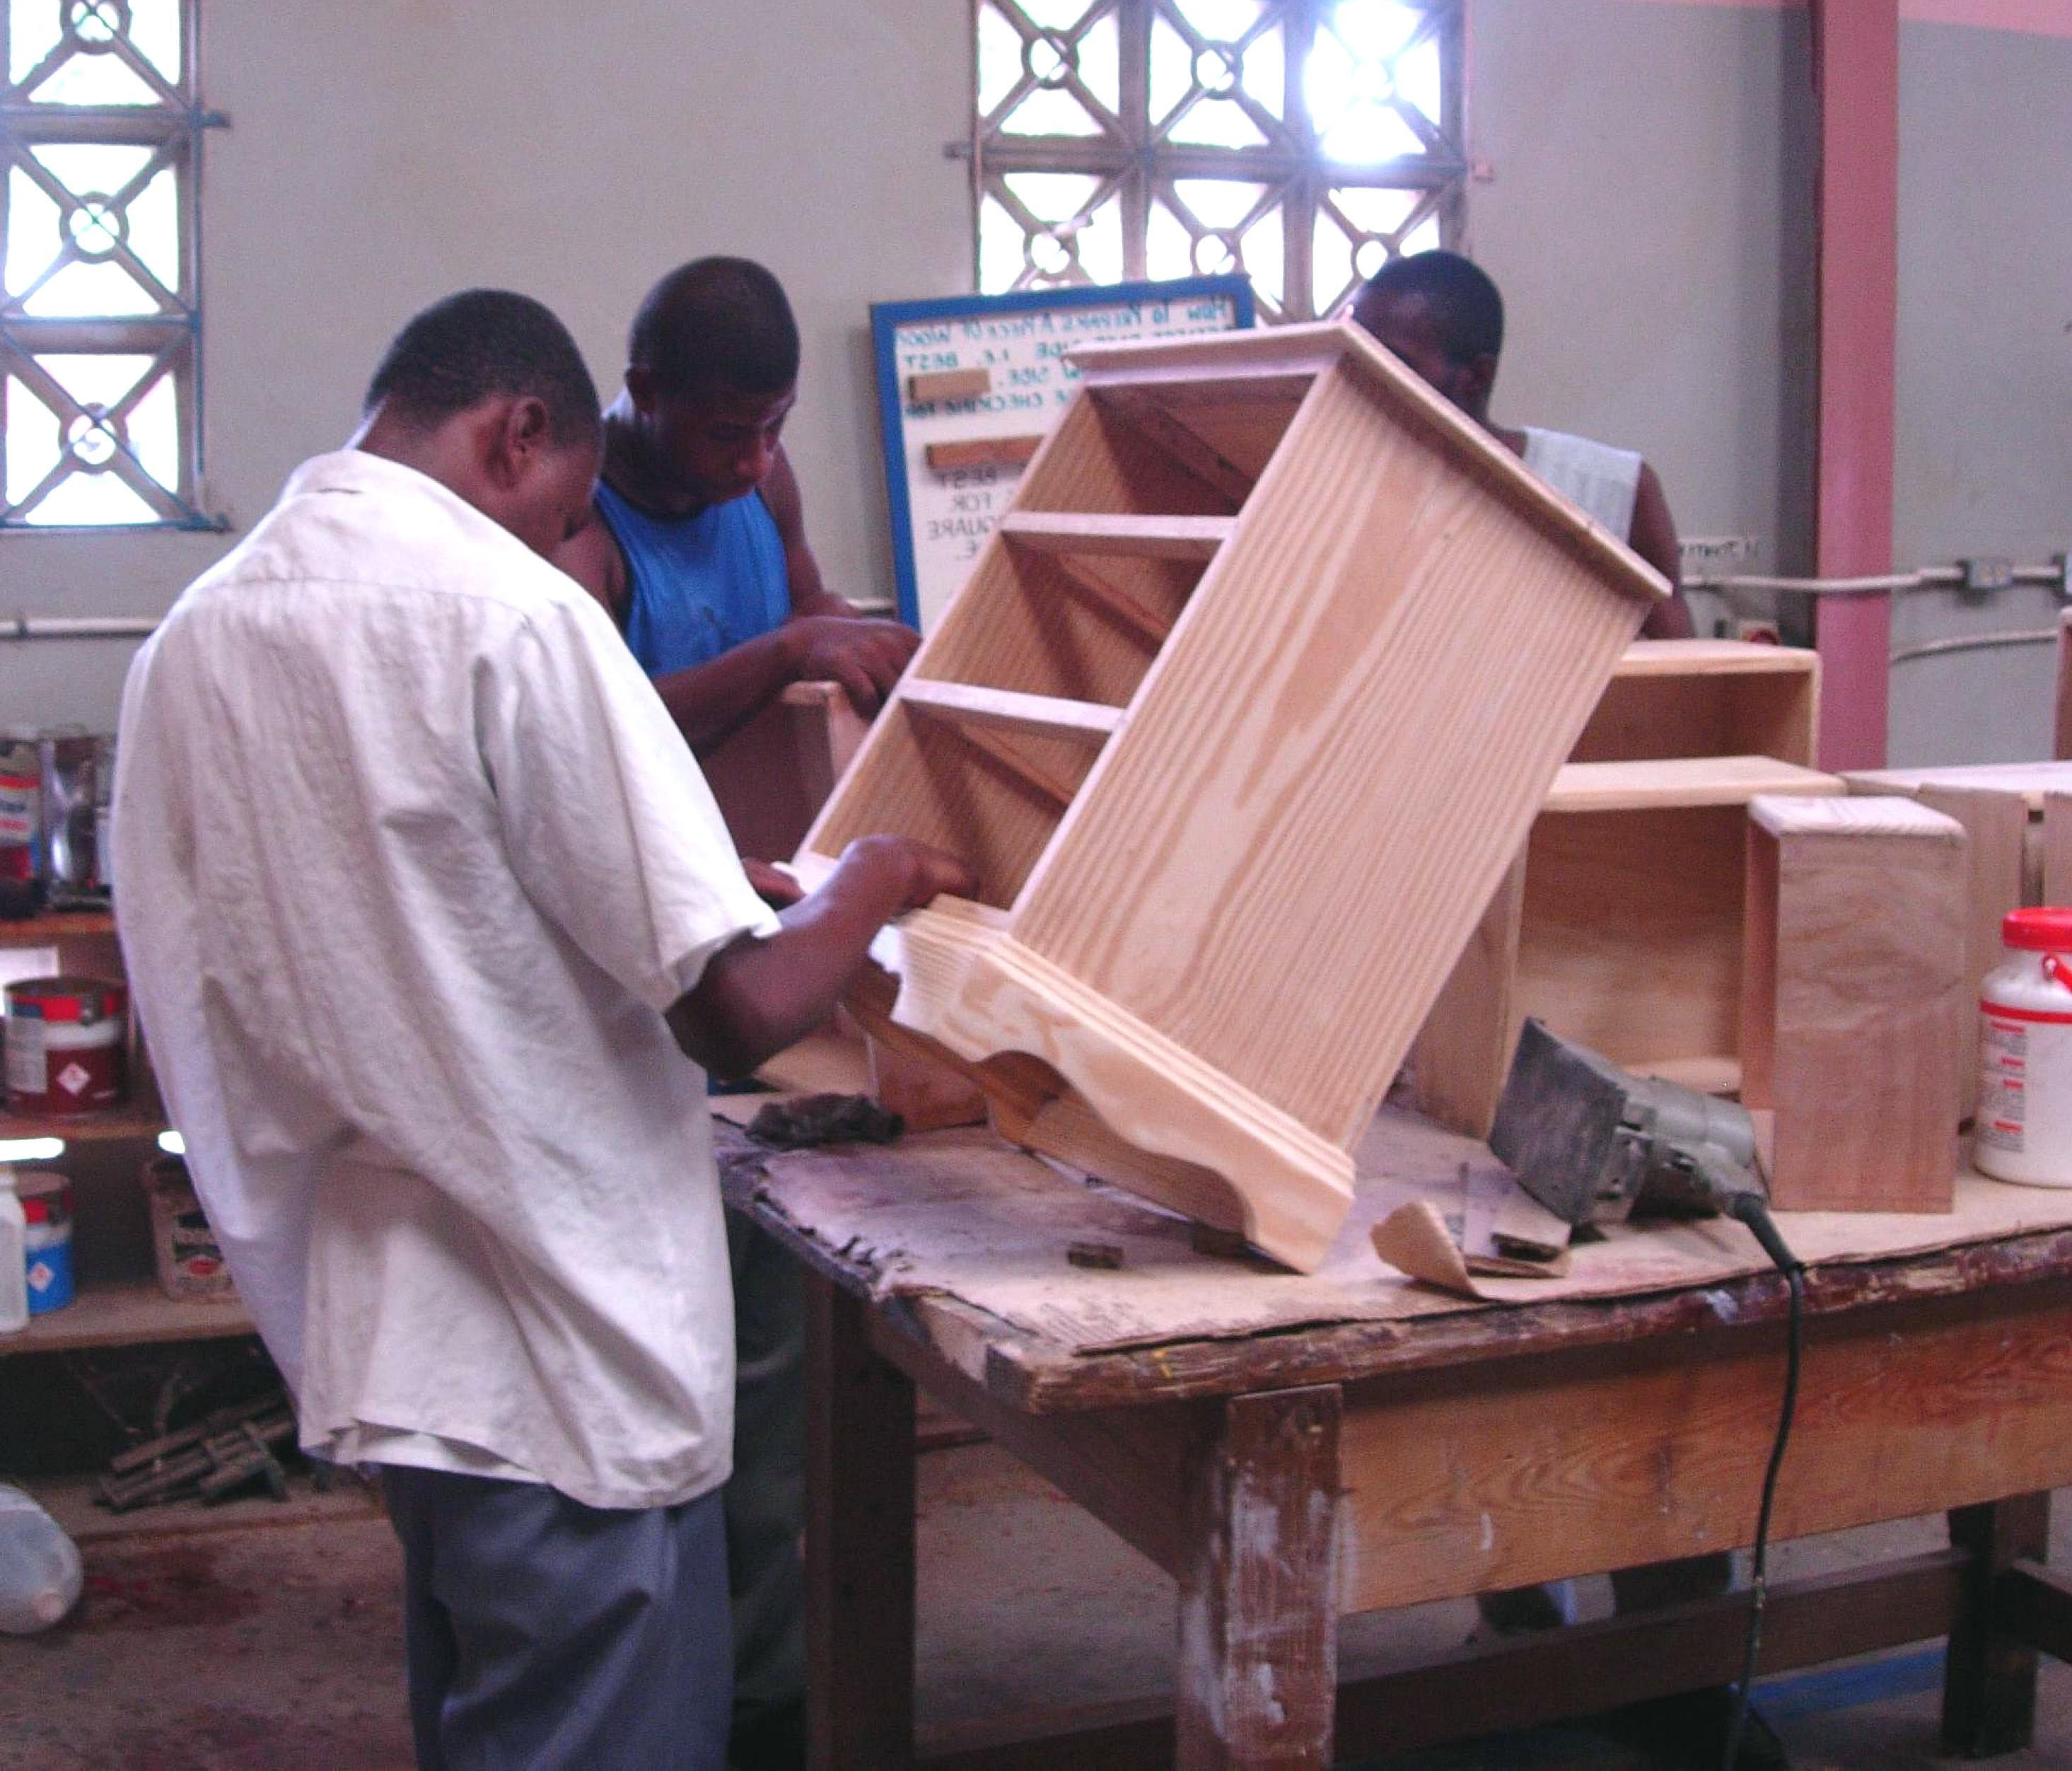 Kostenlose Bild: junge Männer, Fähigkeiten, Gebäude, Holz, Schränke ...